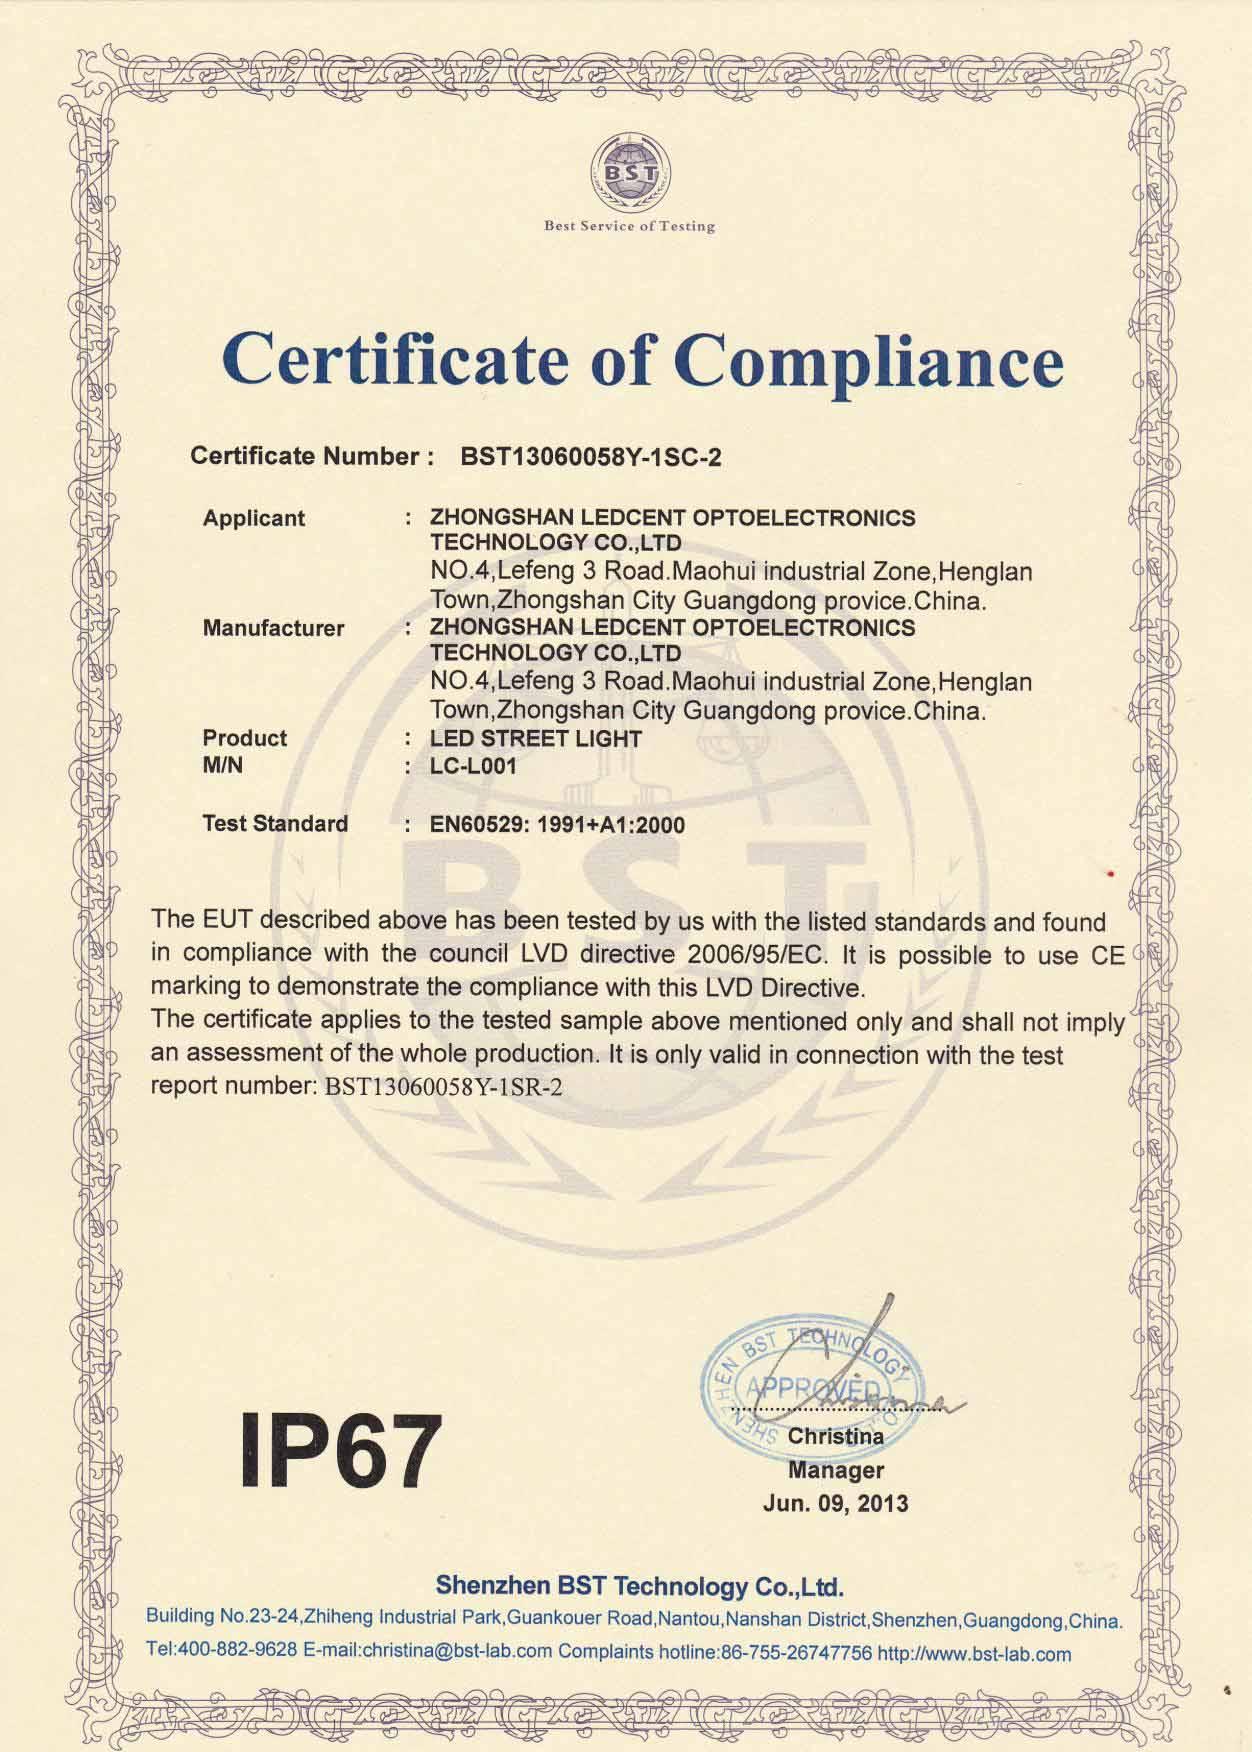 IP 67 certificate